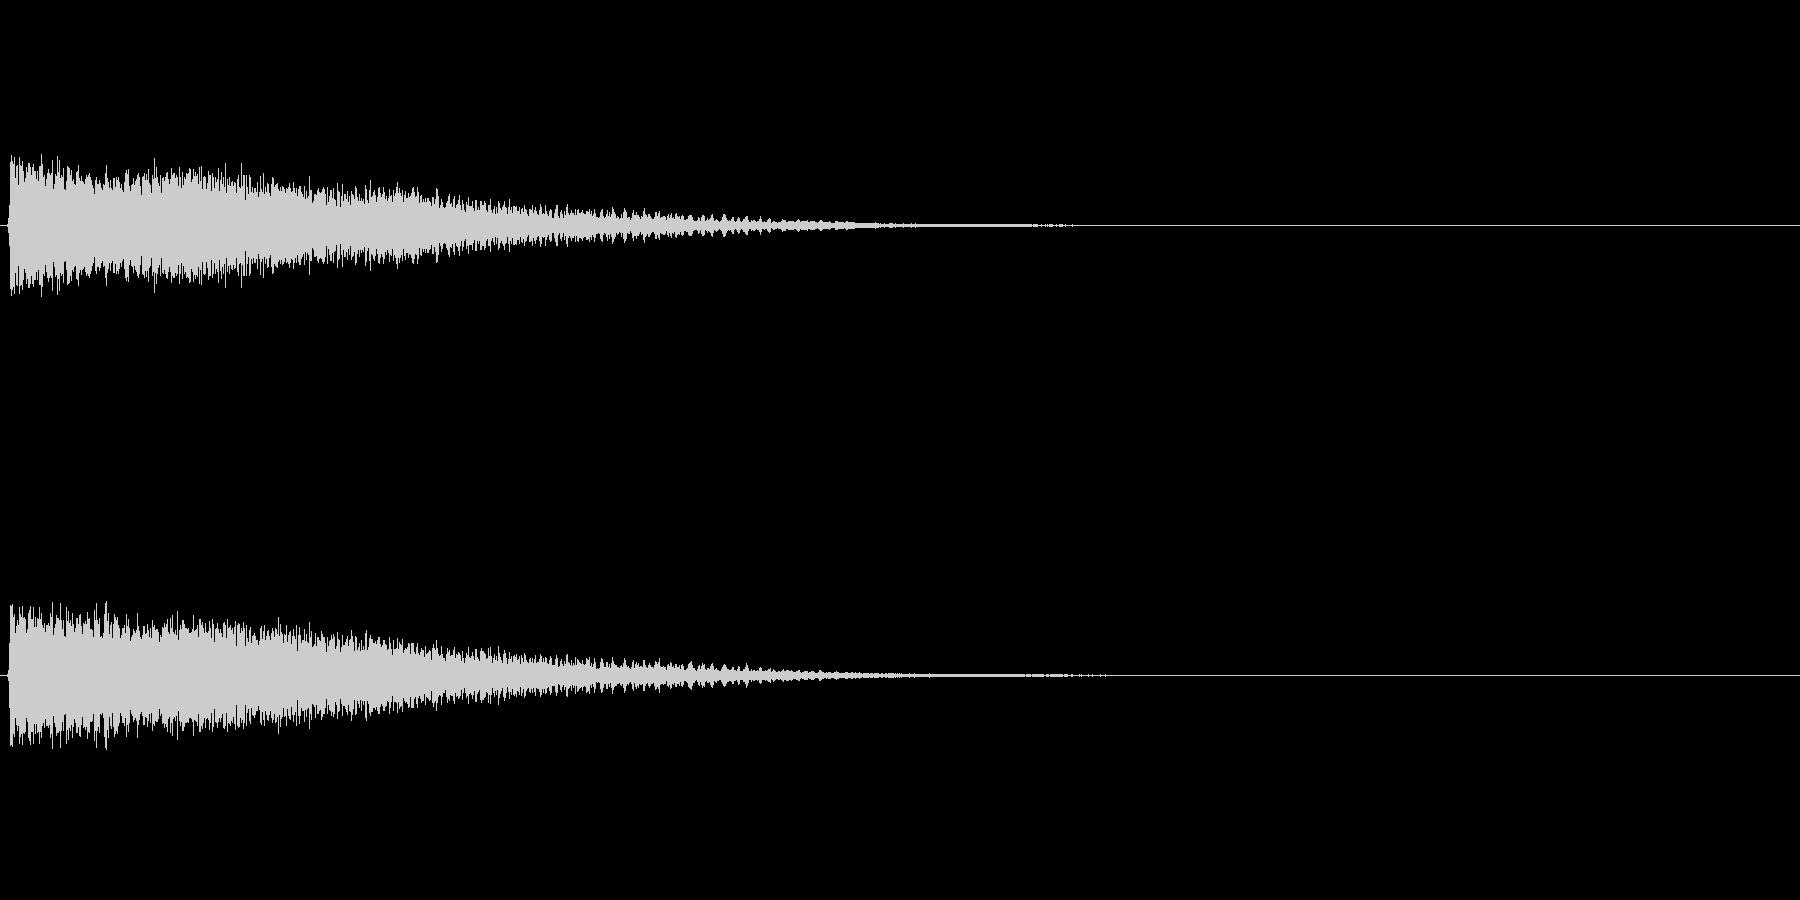 魔法効果音(重力波、暗いイメージ)の未再生の波形